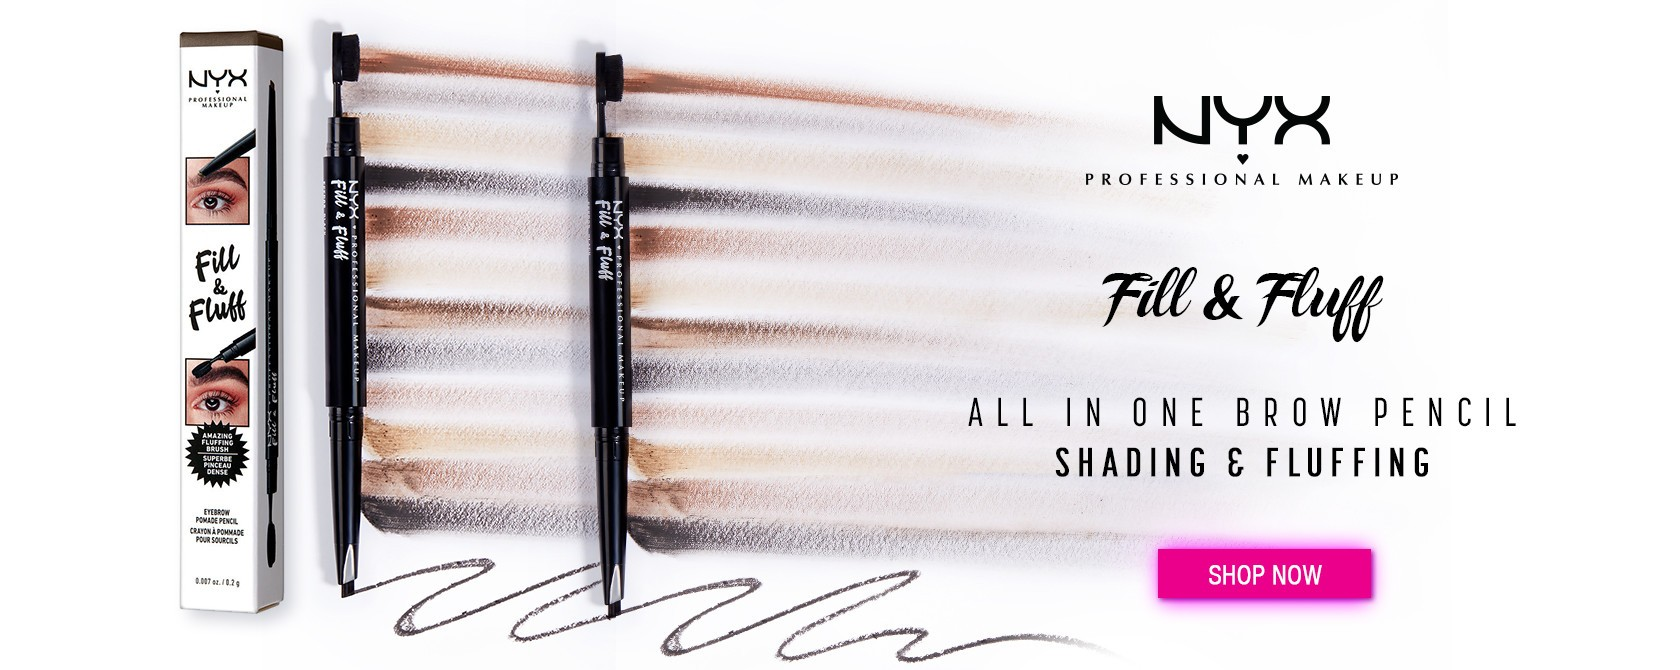 NYX Professional Makeup brow pencil